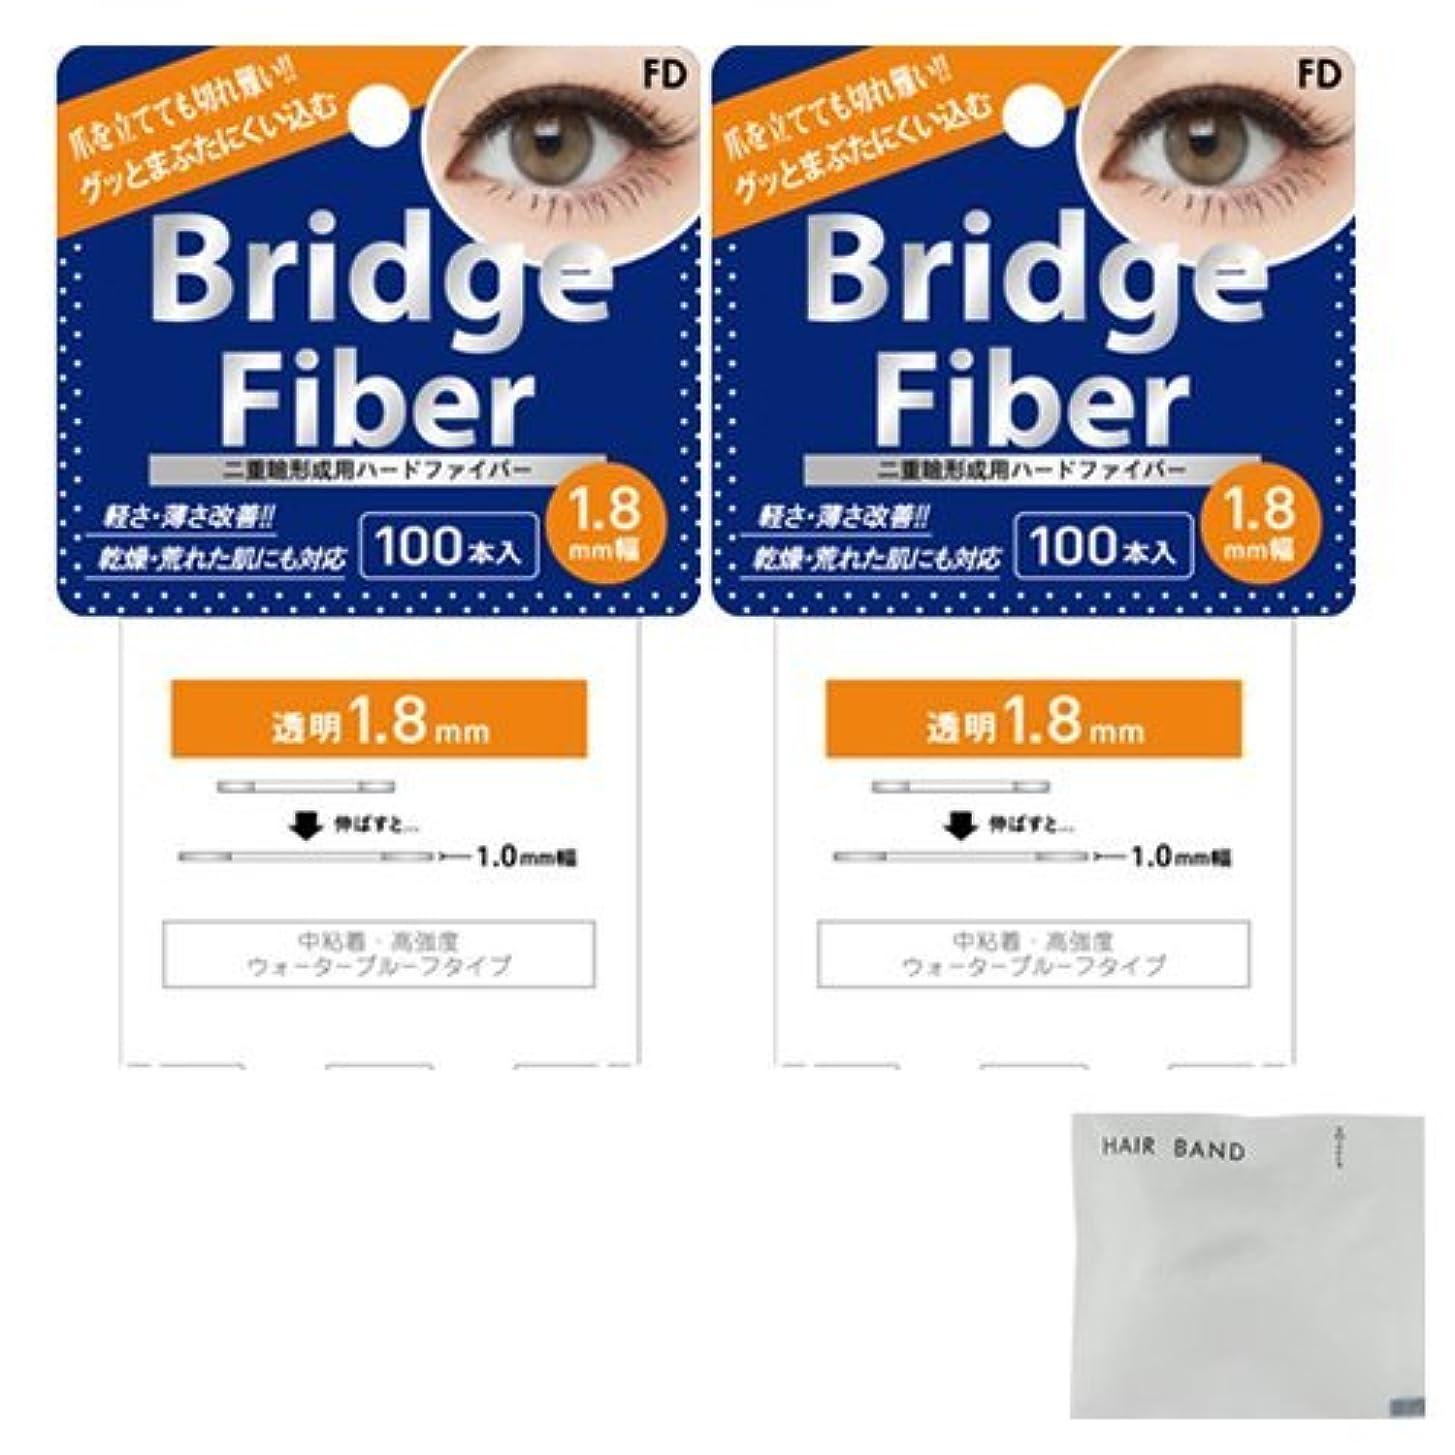 欠かせない連想一般的なFD ブリッジファイバーⅡ (Bridge Fiber) クリア1.8mm×2個 + ヘアゴム(カラーはおまかせ)セット